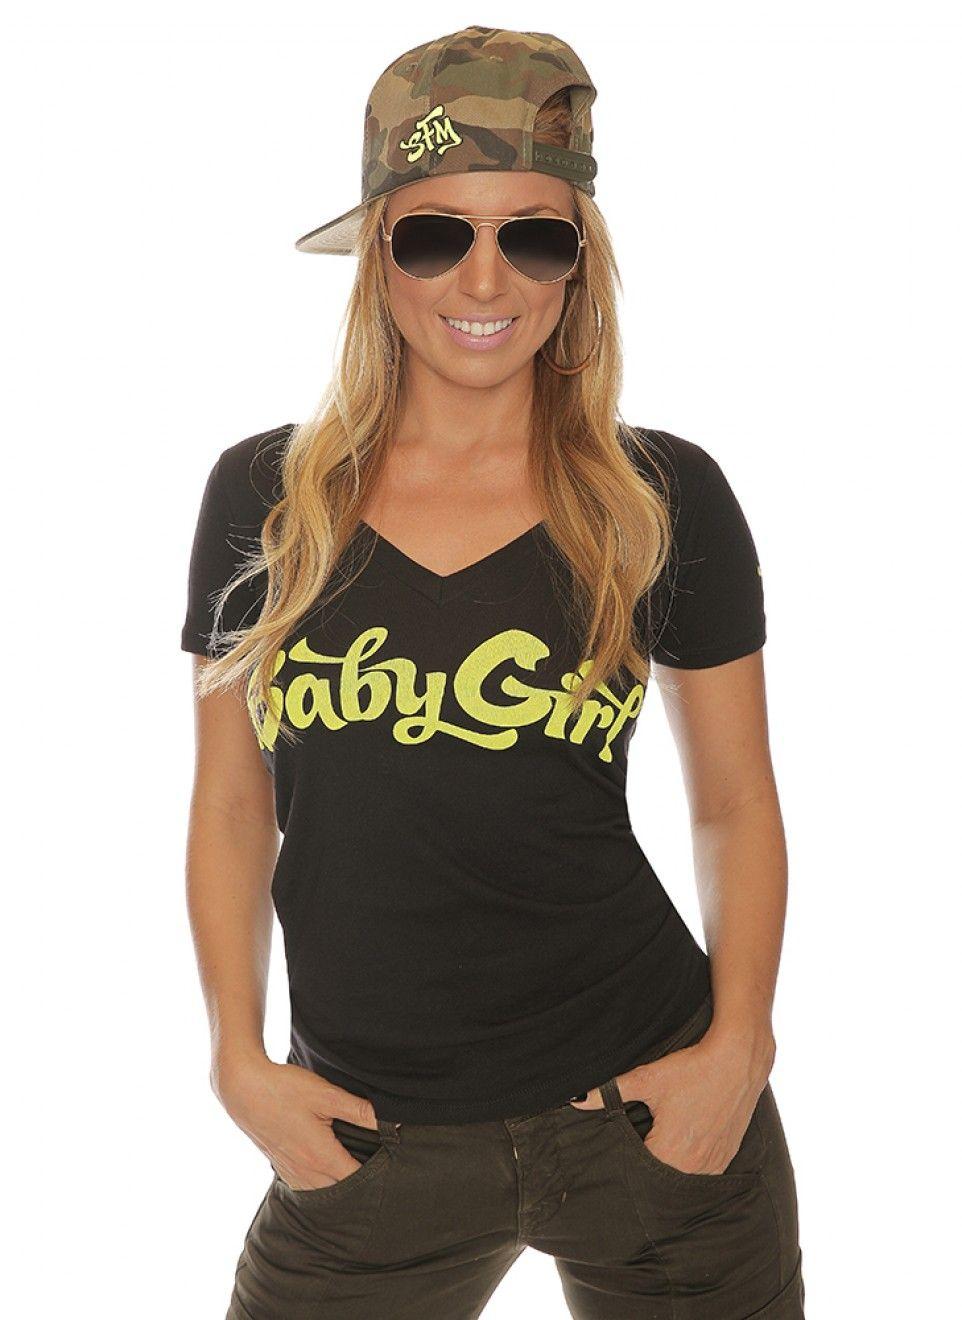 e99f81349e74 Baby Girl V-Neck Women s Shirt Black Green